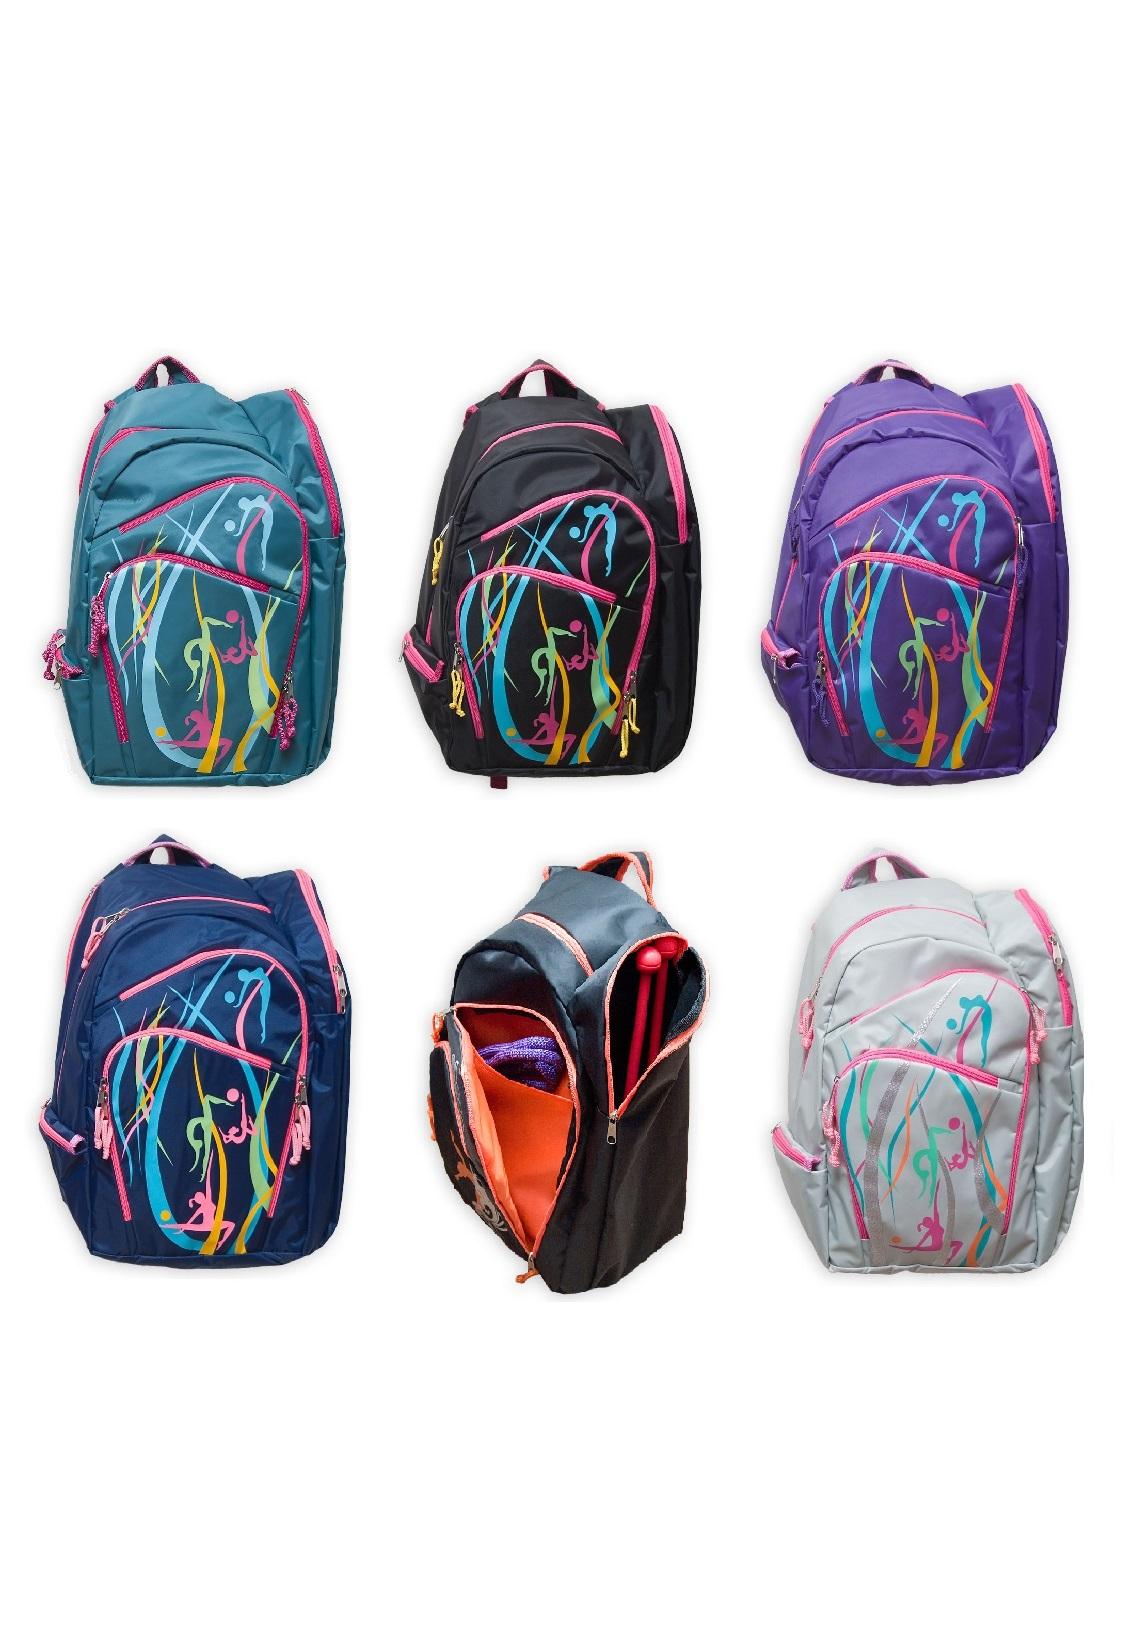 dd296a534237 Backpack for rhythmic gymnastics LEMON SPORT print Jungle, grey